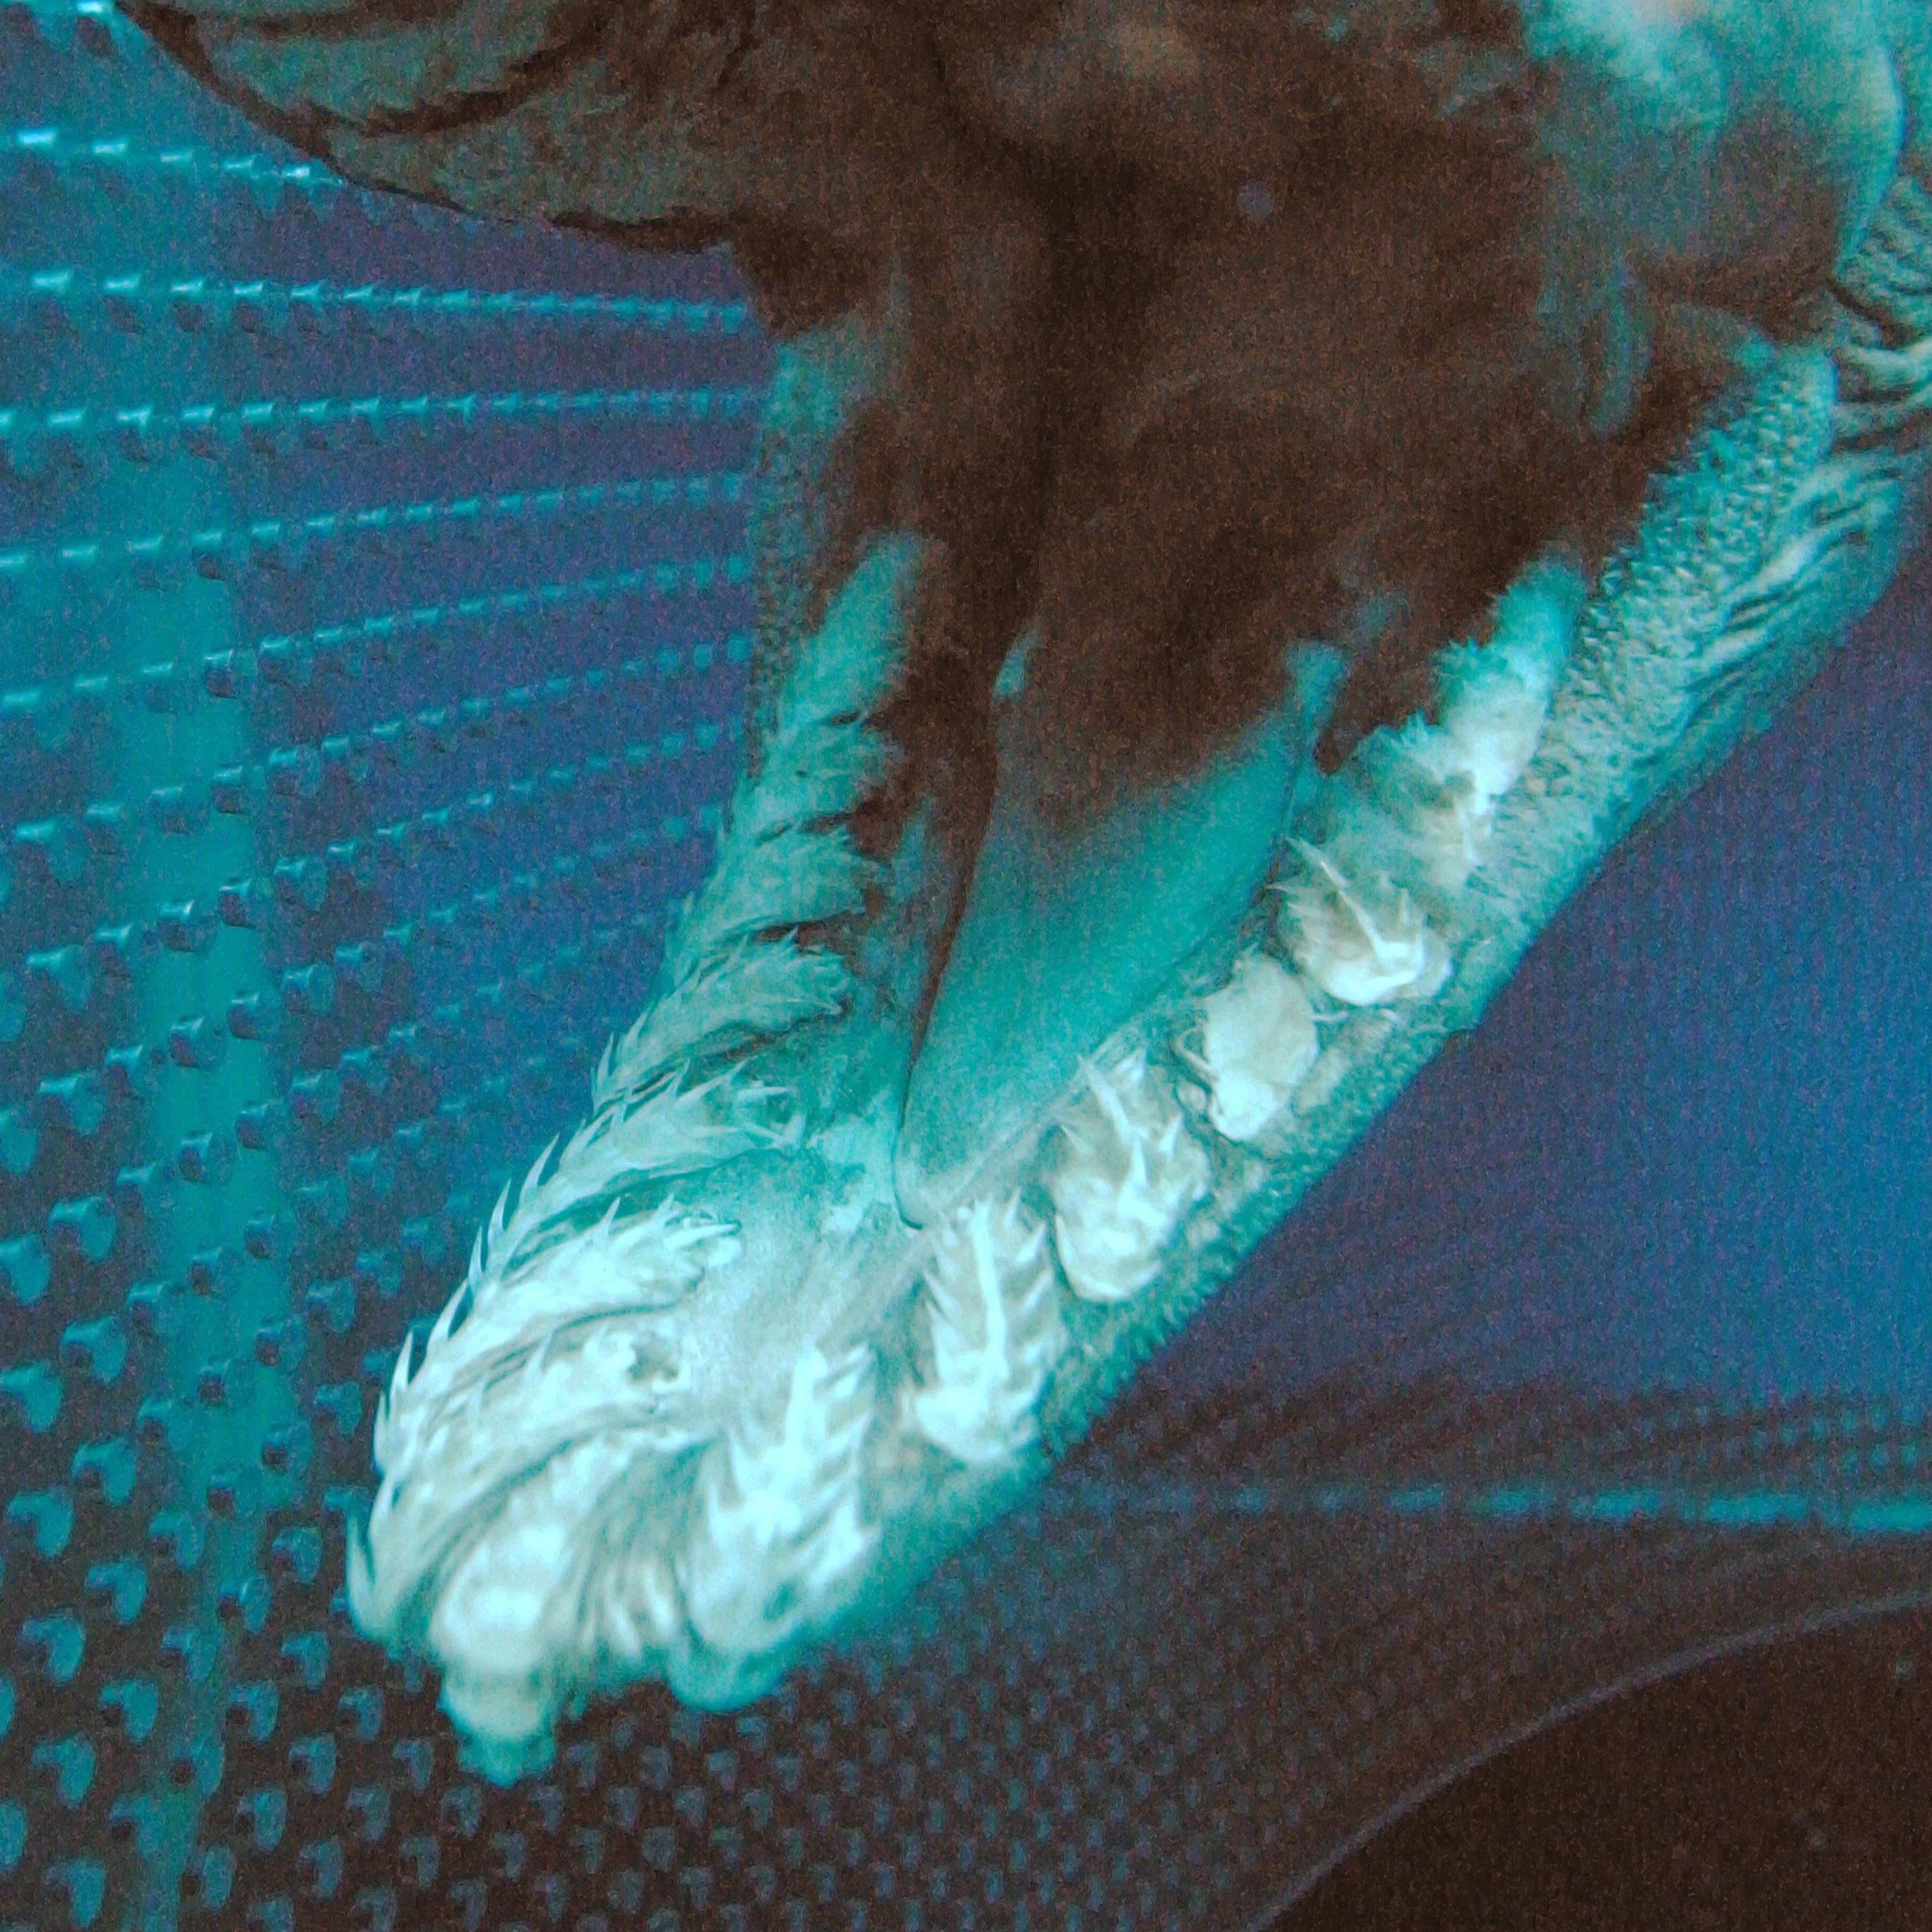 Clipart Pics Of Fish